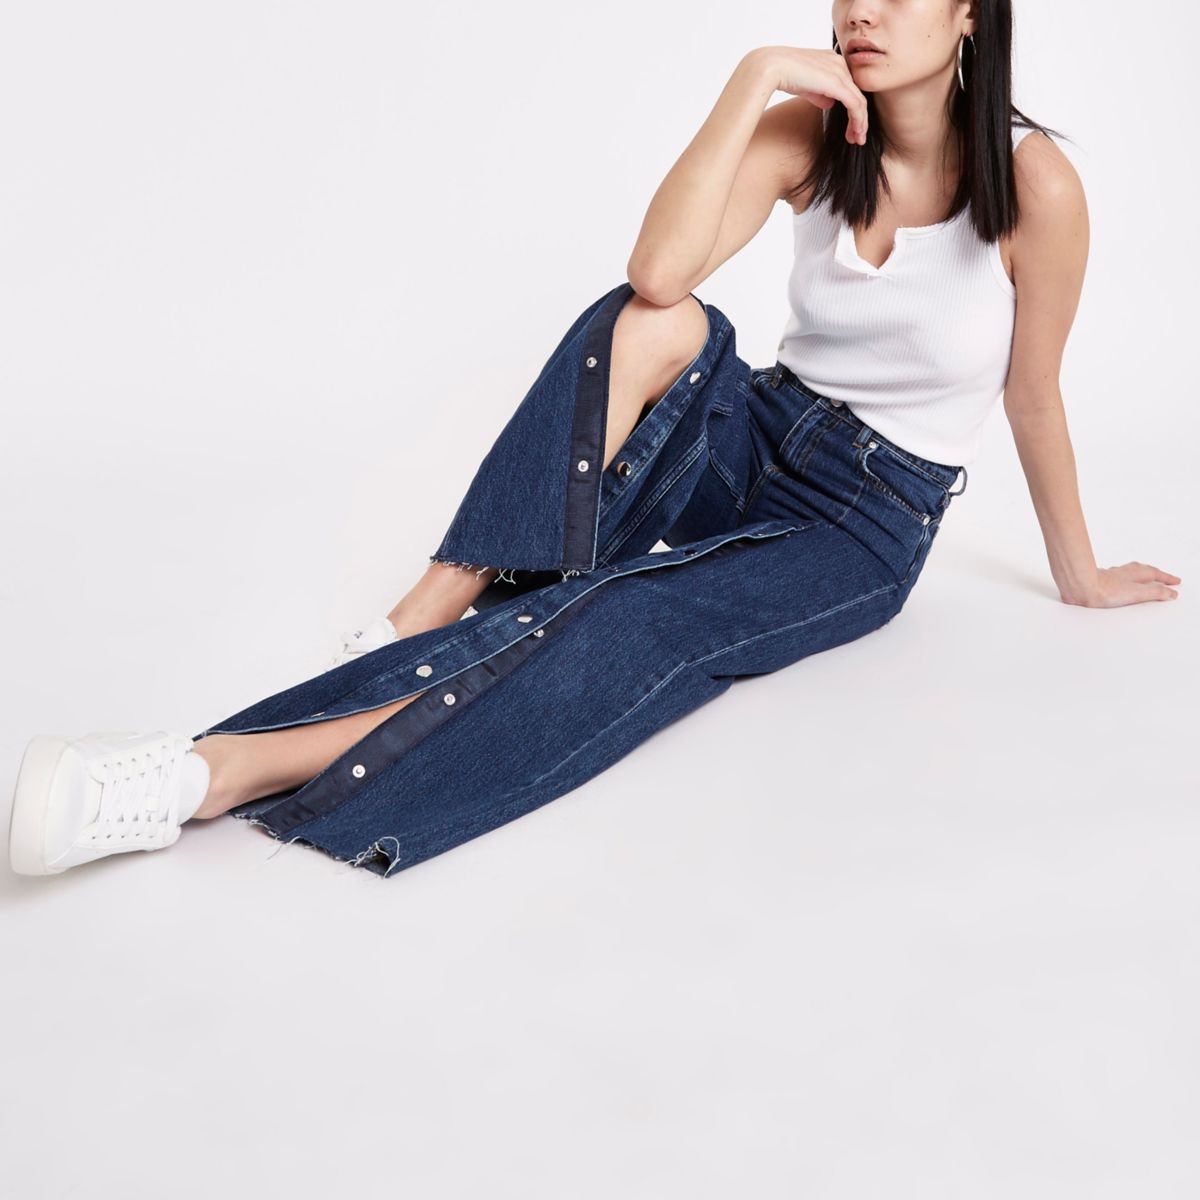 Blauwe jeans met wijde pijpen en drukkers voorop